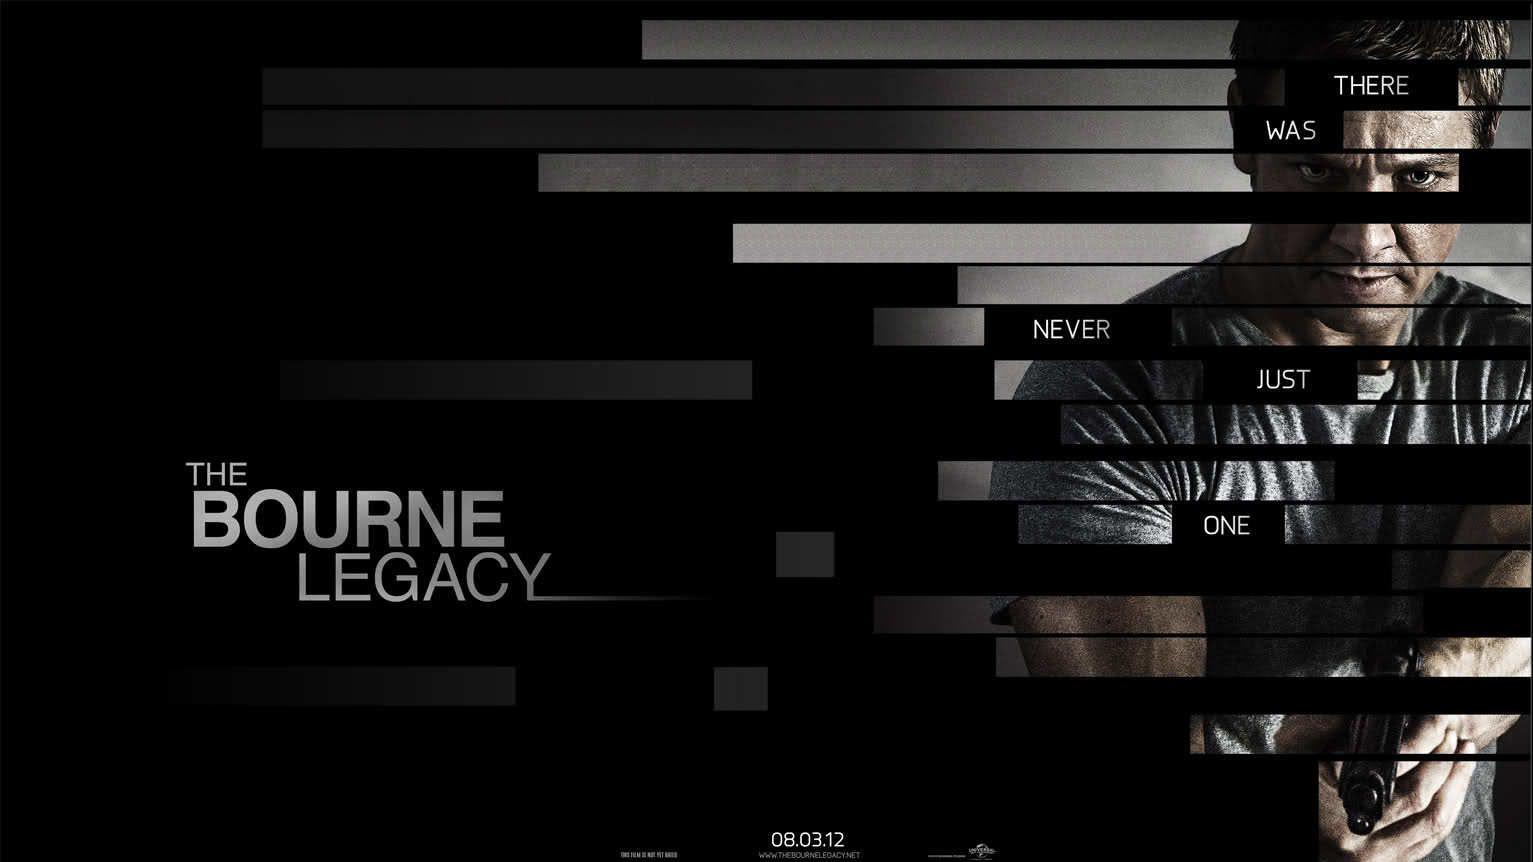 Un nouveau film pour la franchise Bourne